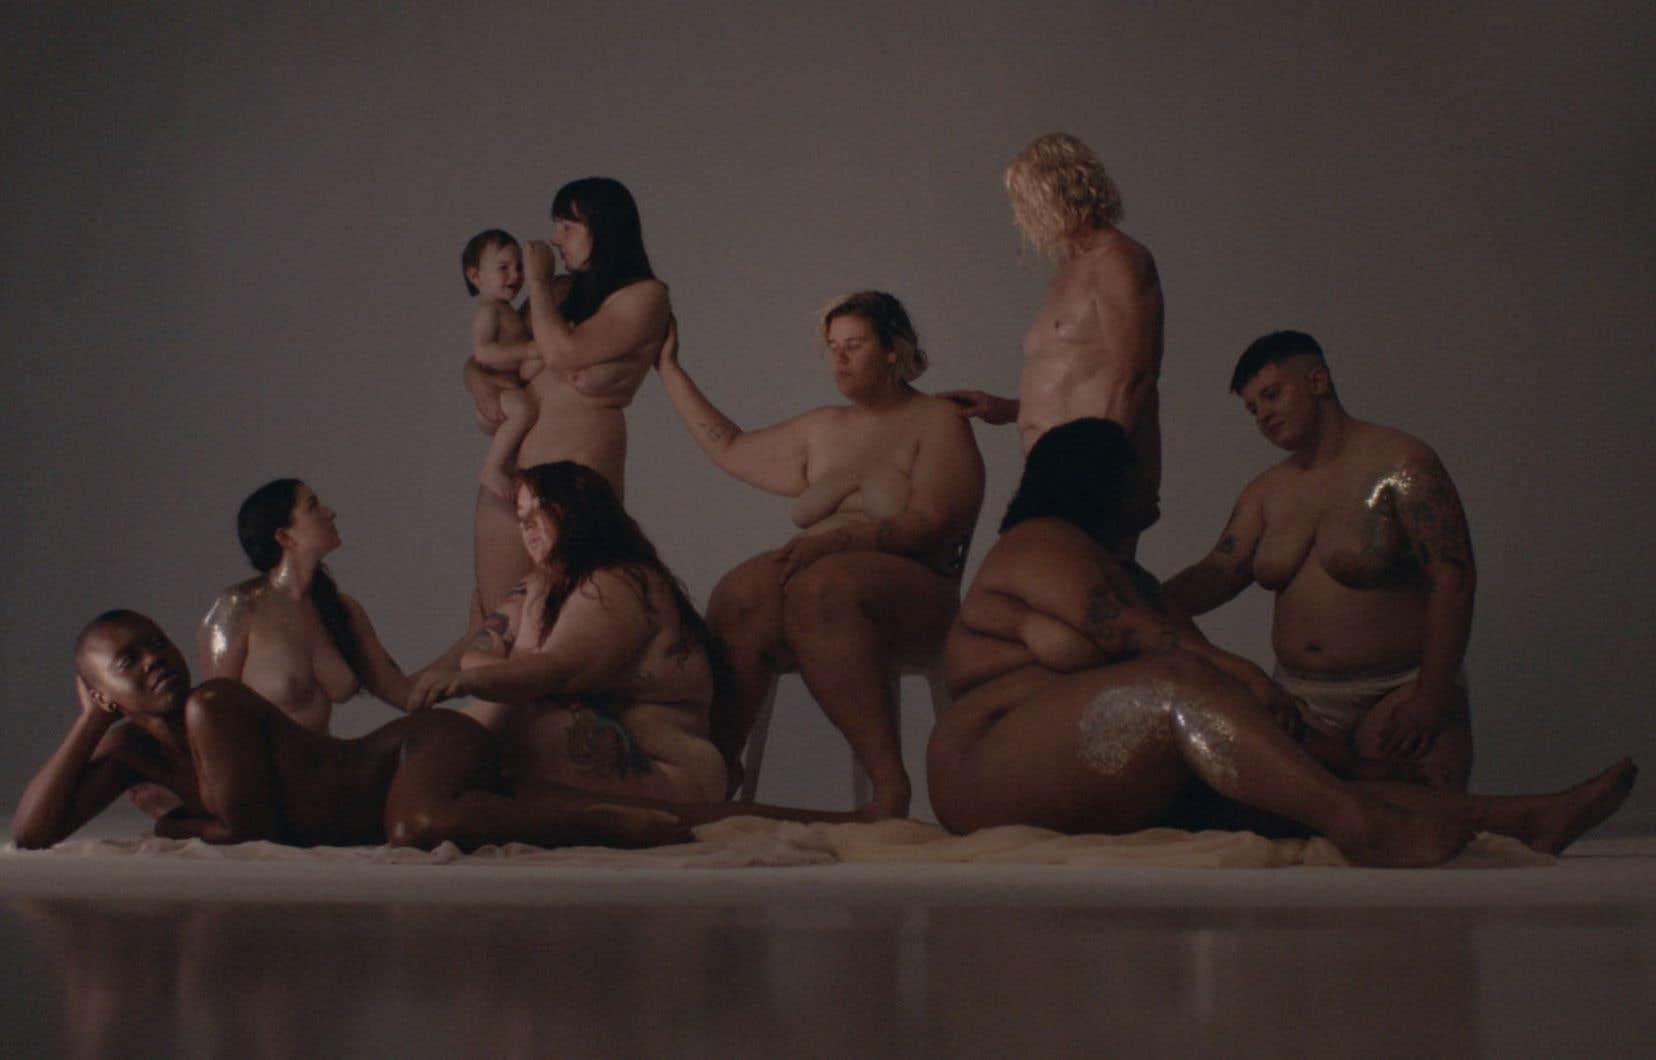 Au-delà des considérations esthétiques et de la grossophobie, la vidéo de Safia Nolin «Breakup Song» provoque une nécessaire réflexion sur les enjeux sociaux d'une société devenue obésogène.